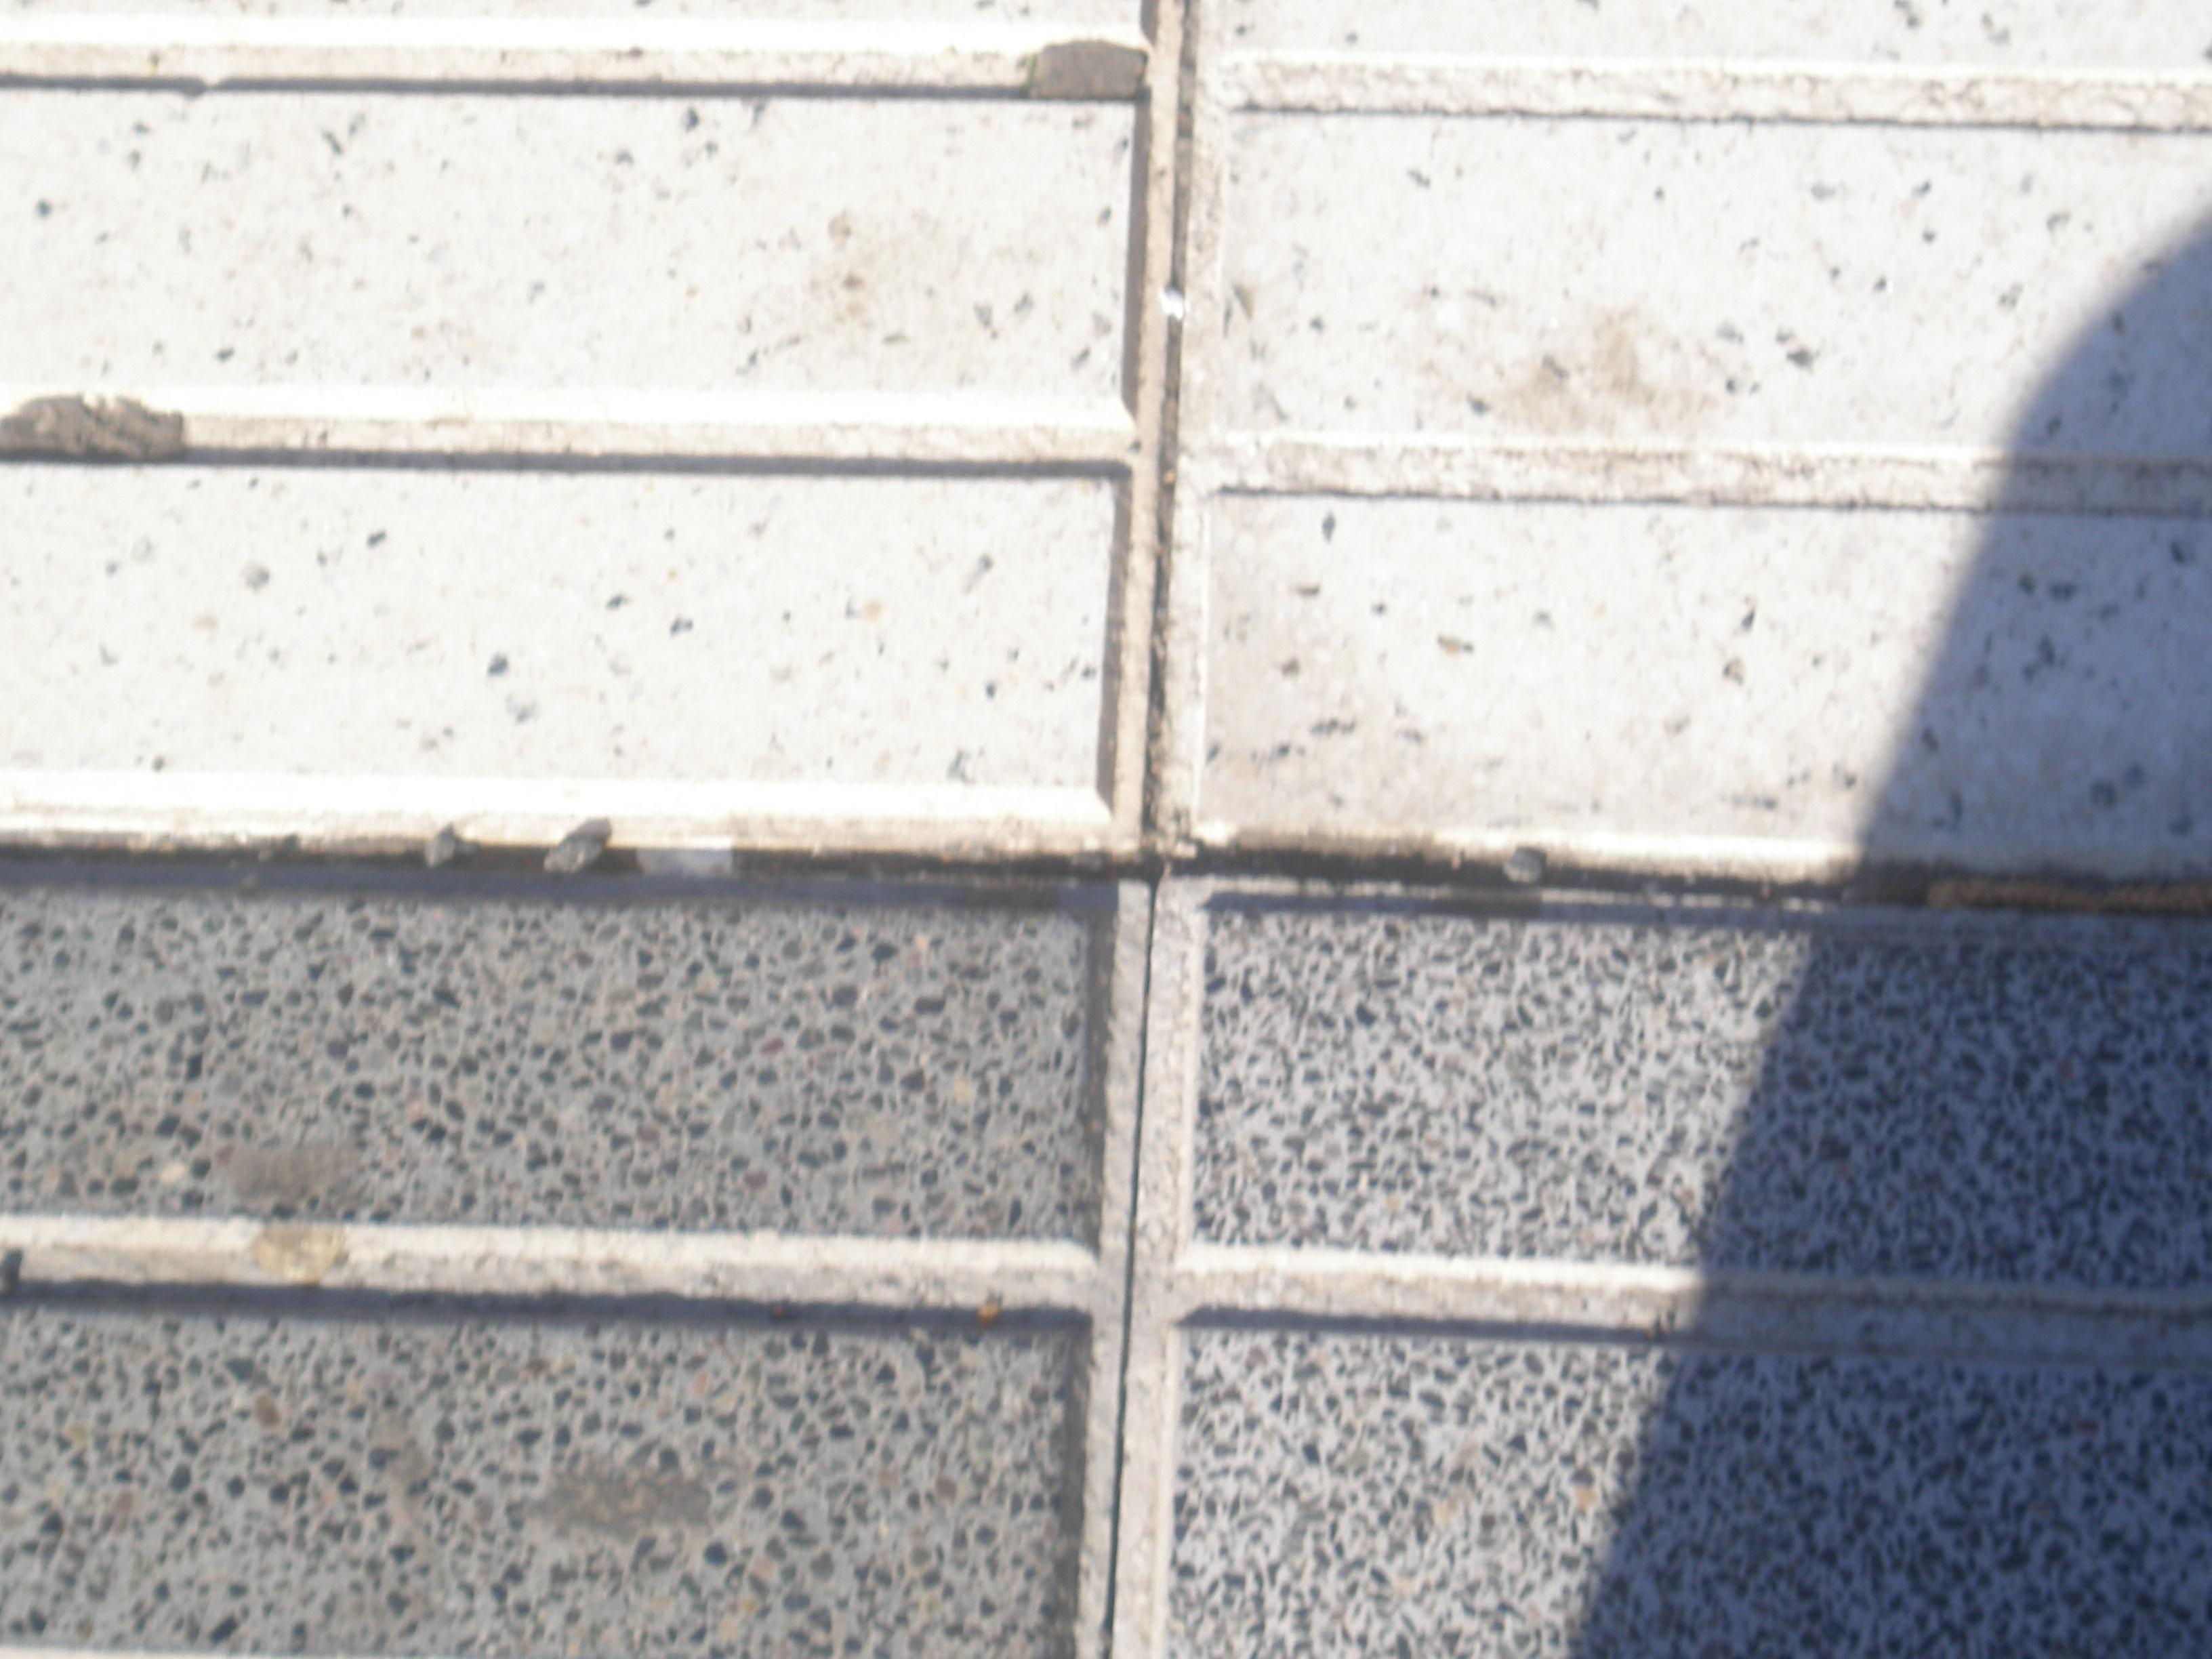 marciapiedi scivolosi